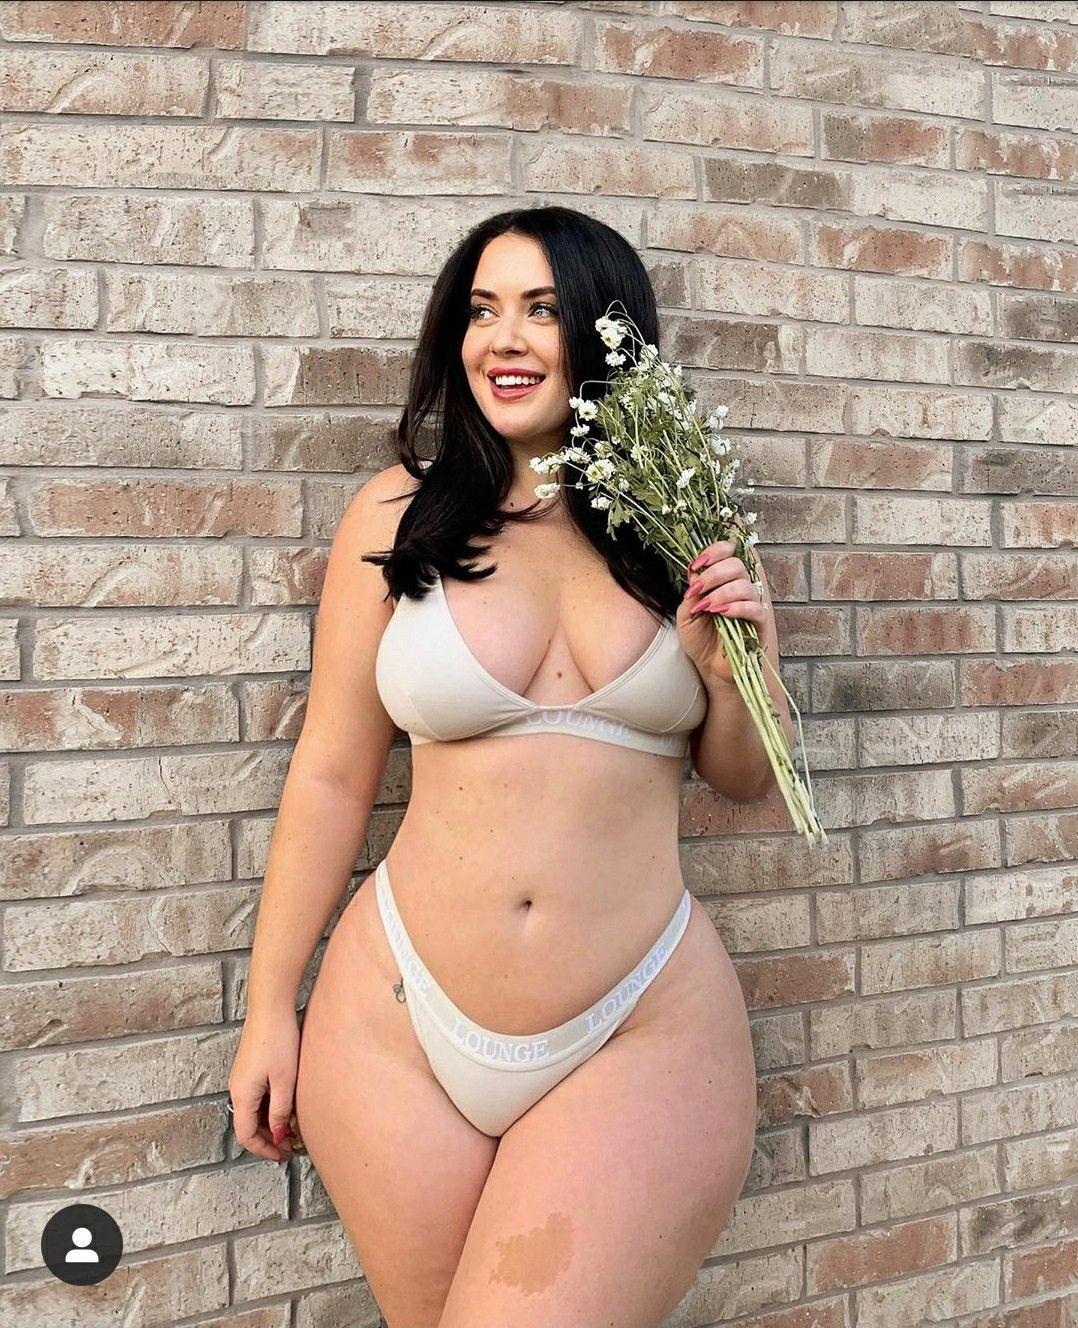 Big Size Ass